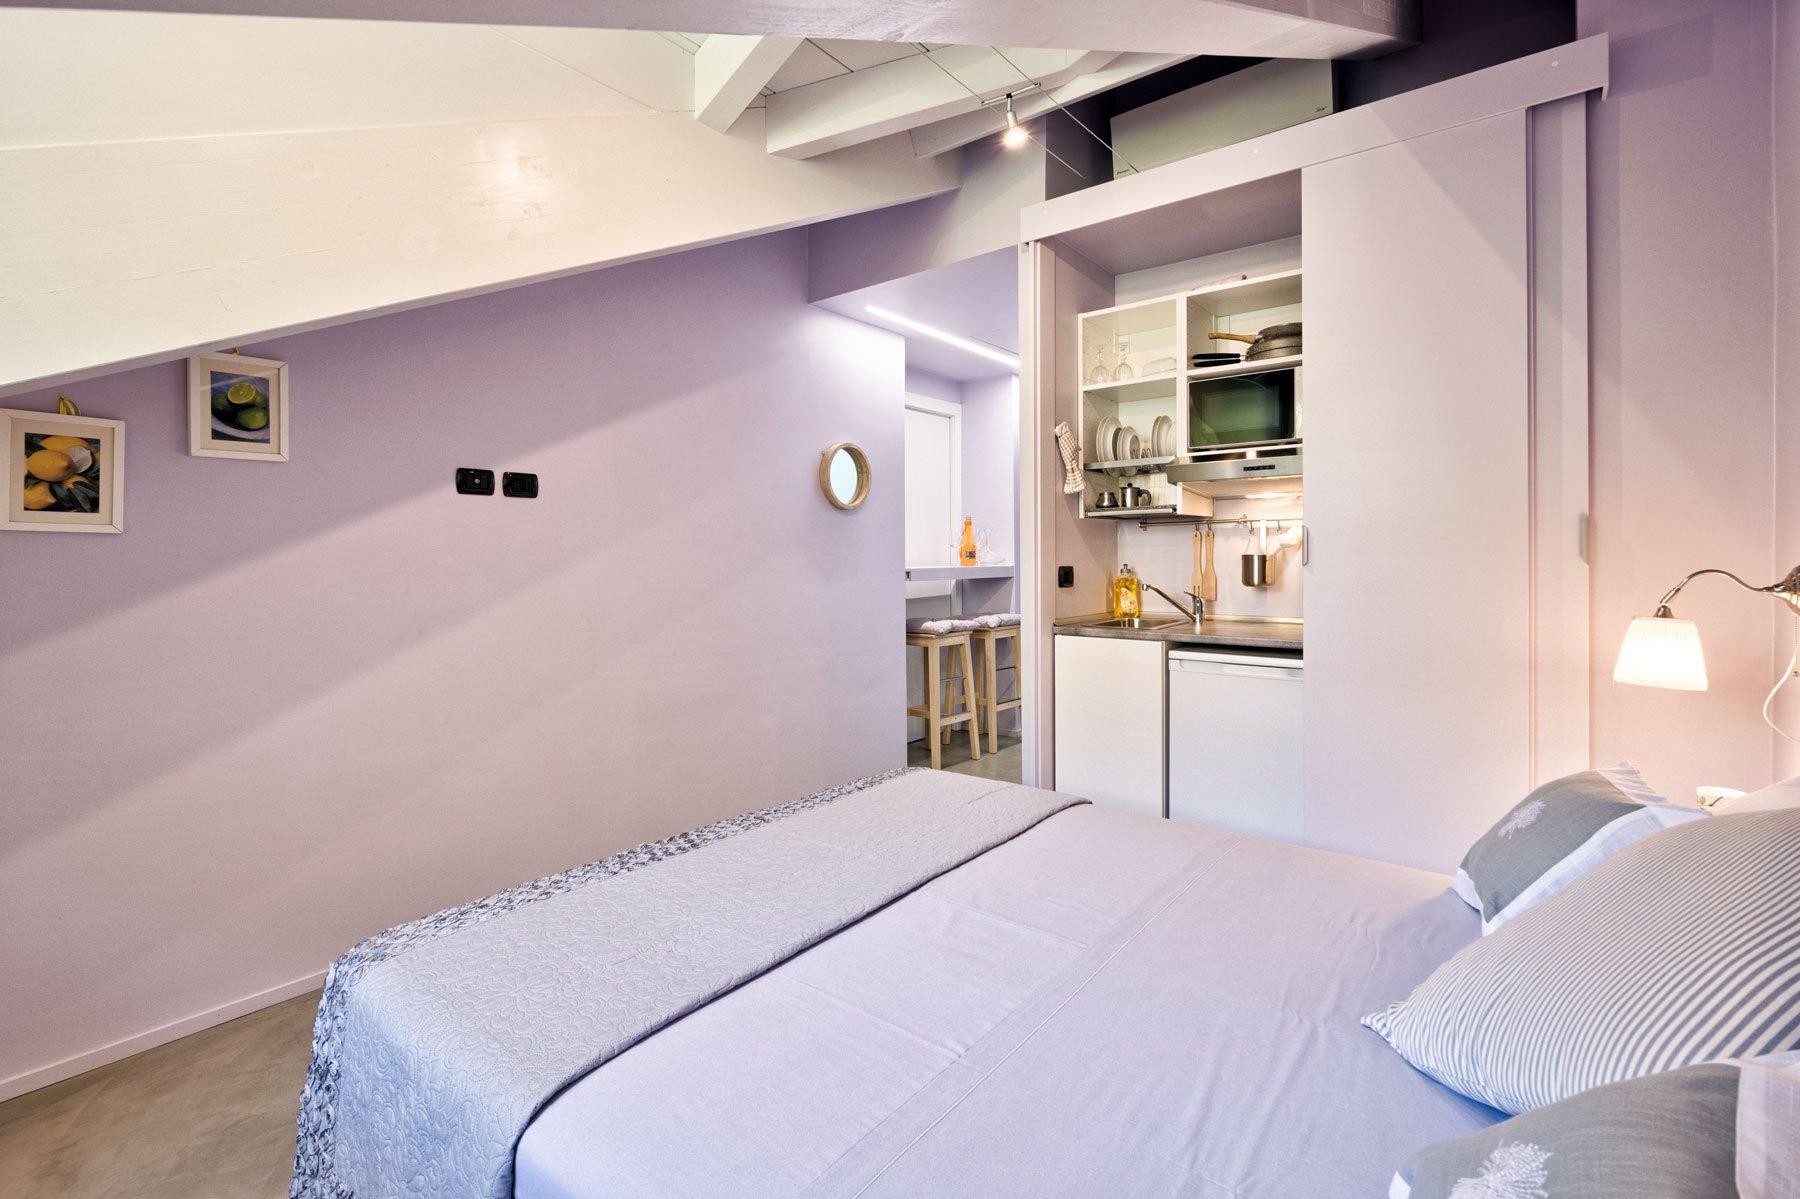 afrodite-superor-room-letto-kitchen